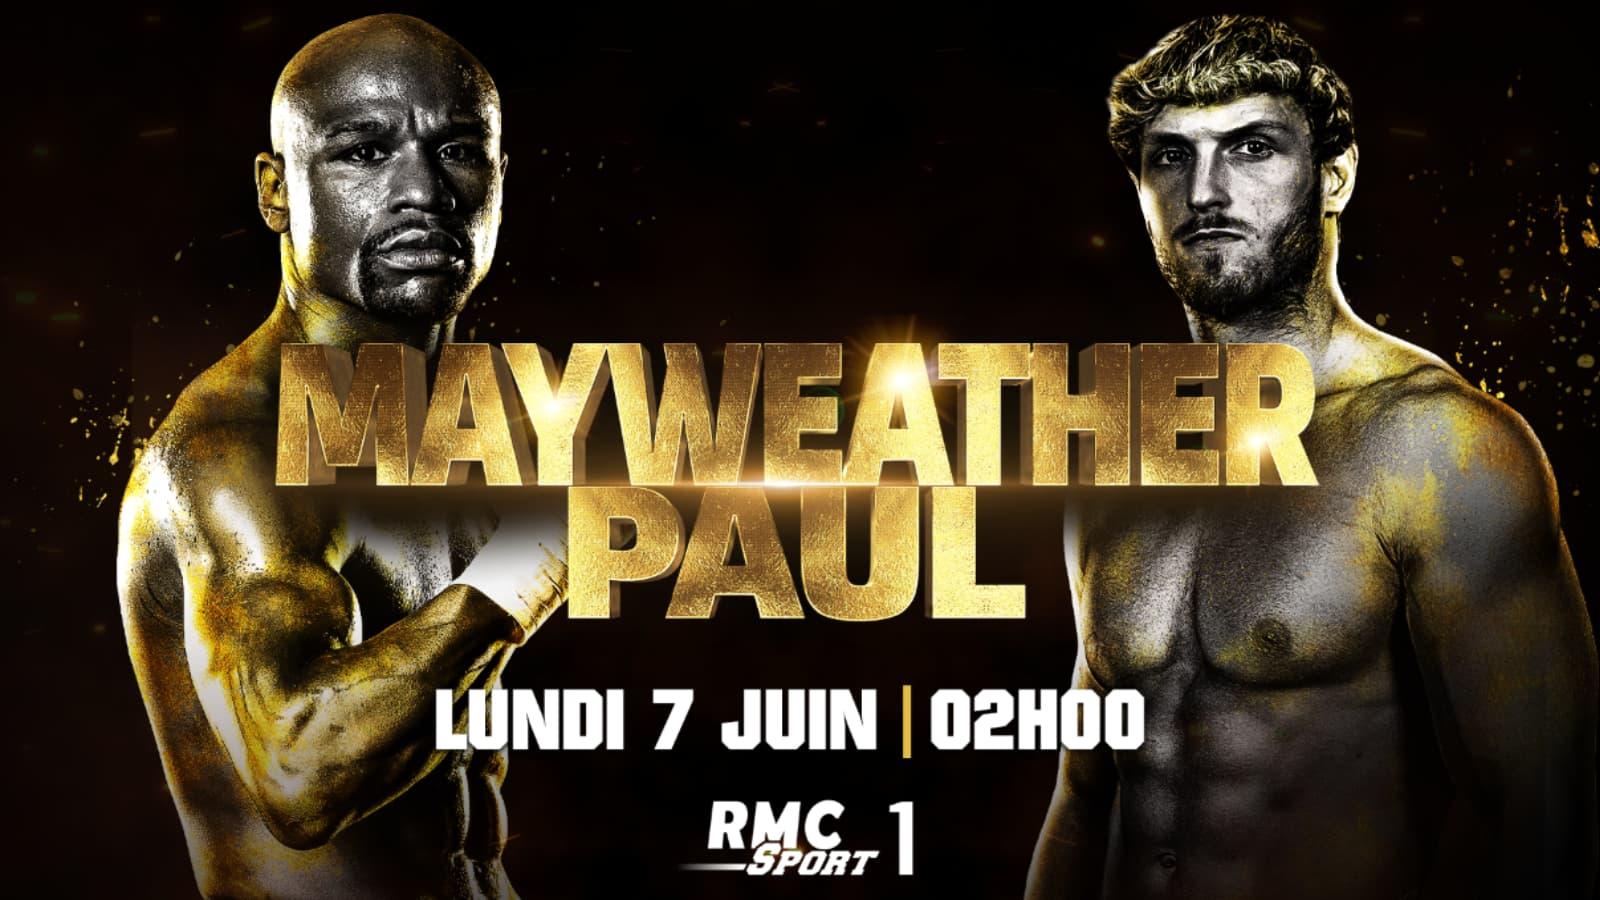 Suivez le combat Maywheather VS. Paul en exclusivité sur RMC Sport